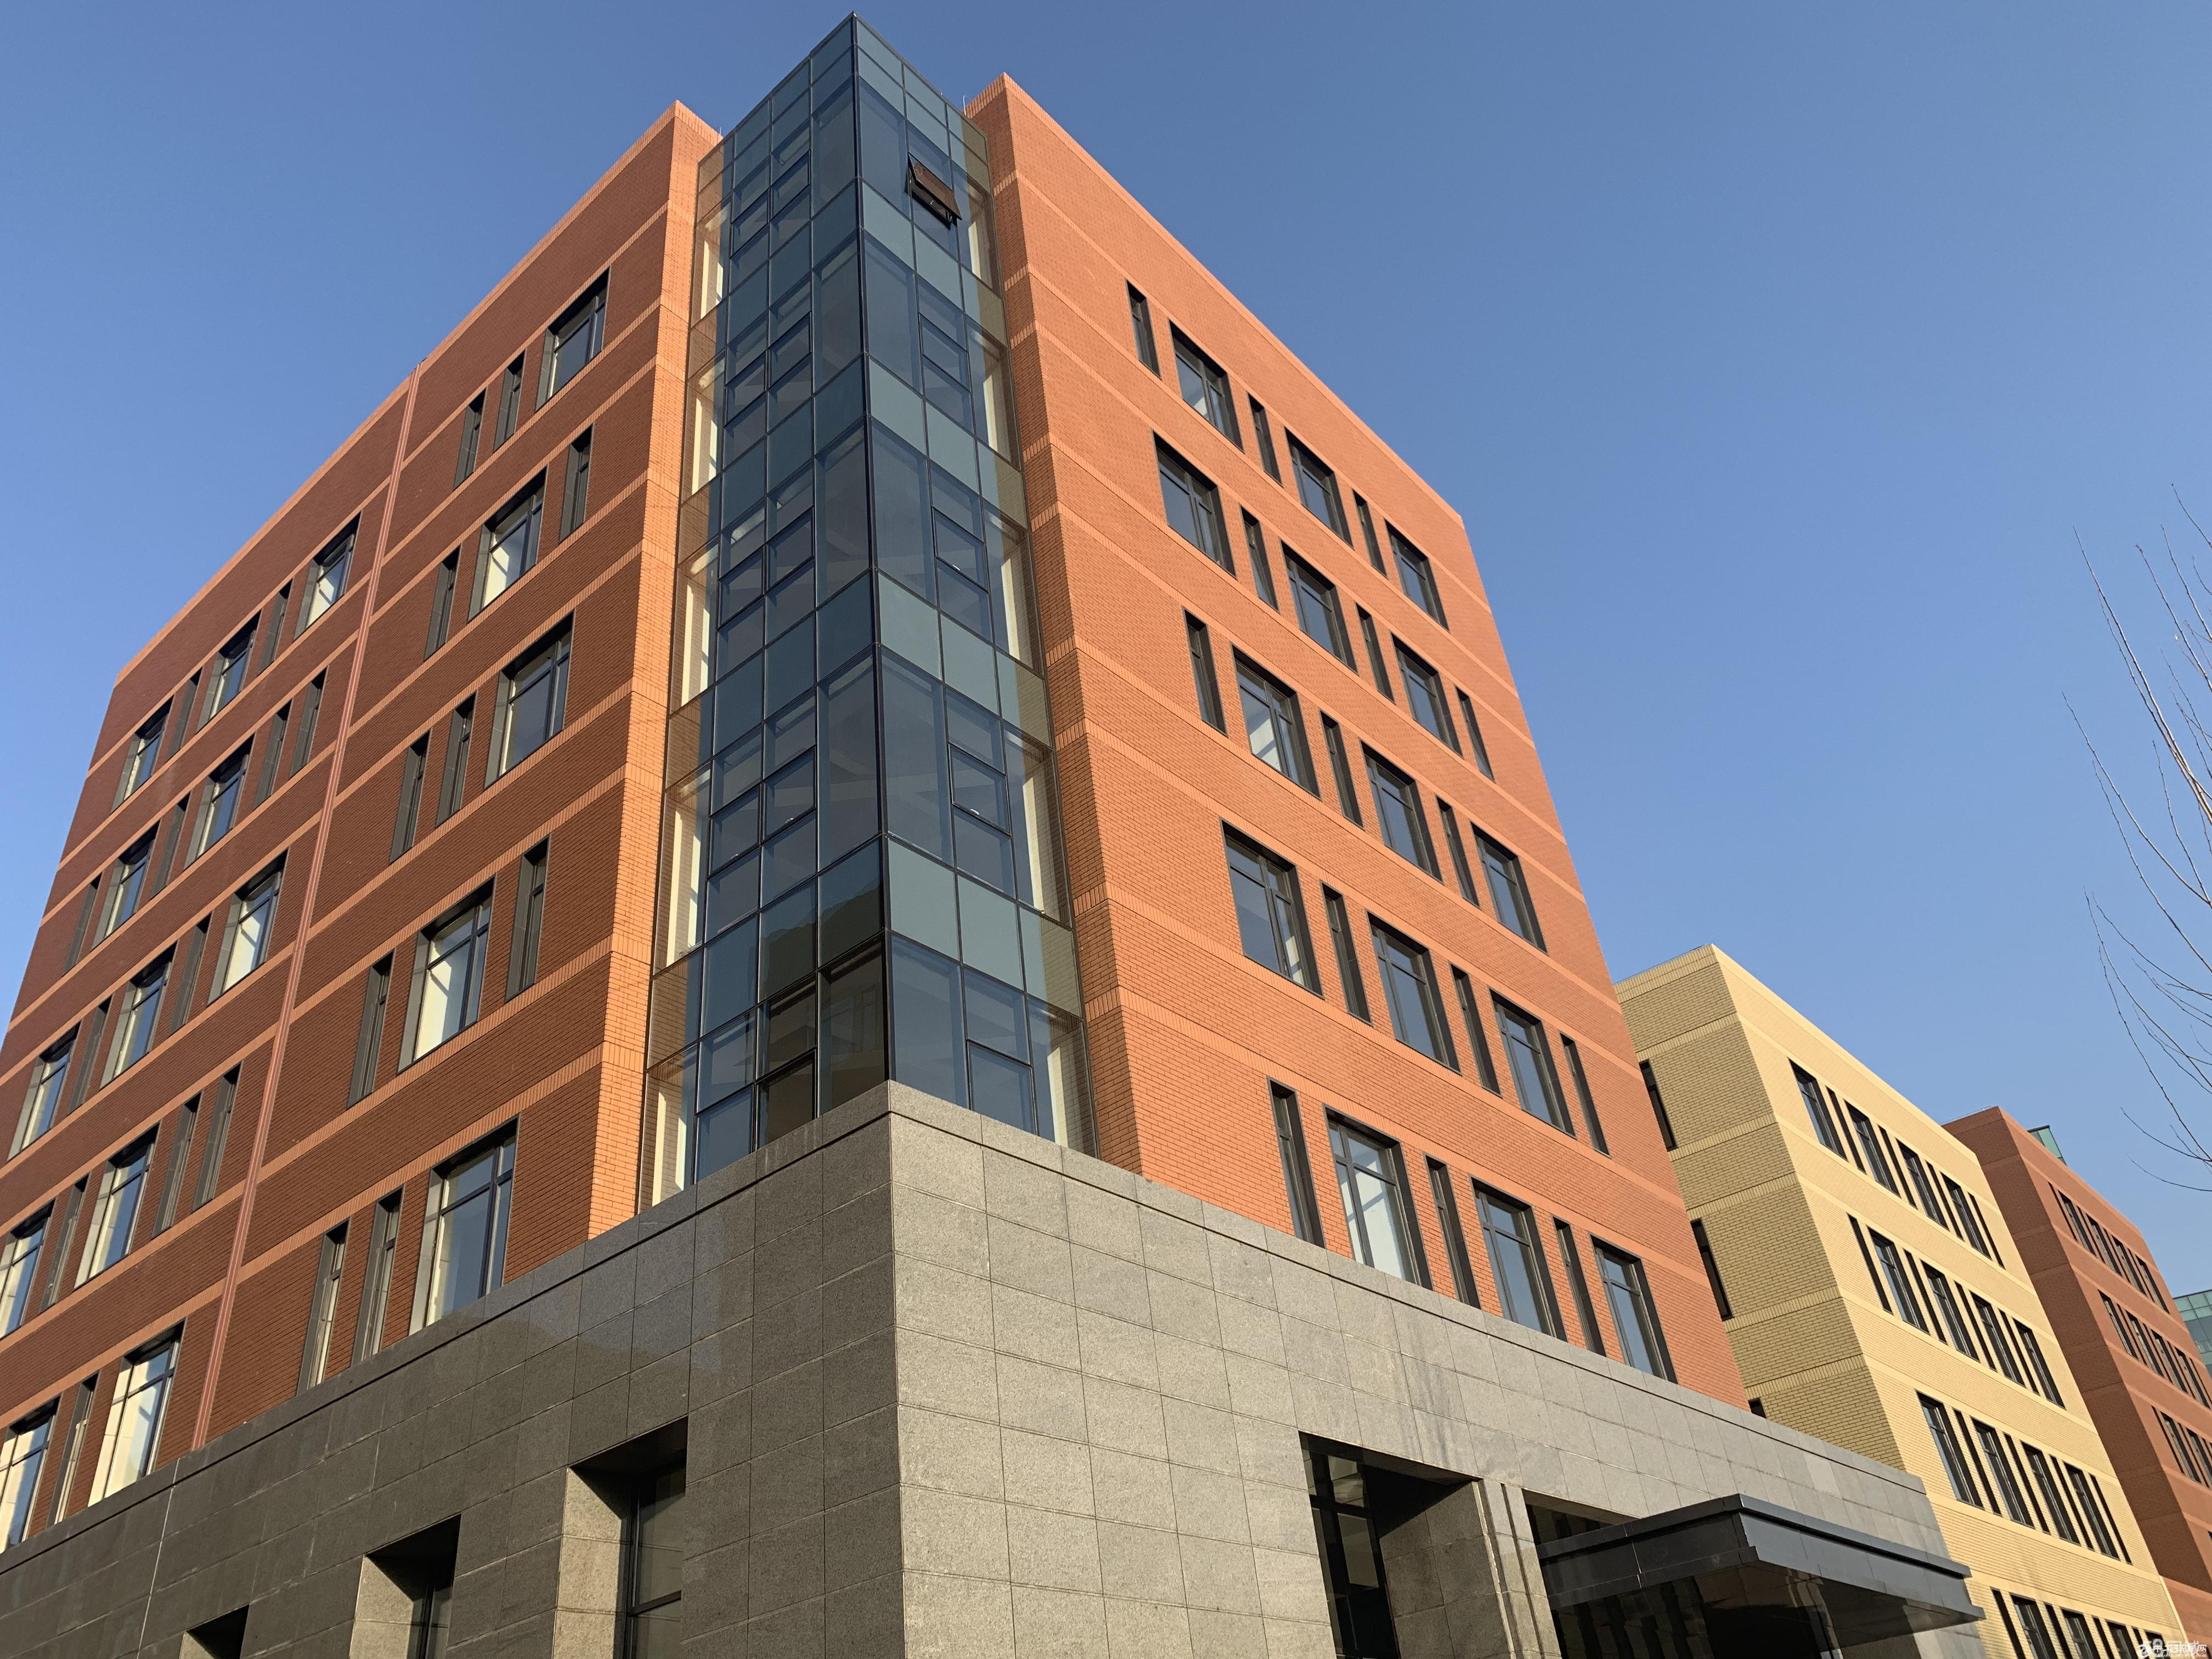 顺义新城第7街区,202平研发厂房出租,有优惠政策-图3